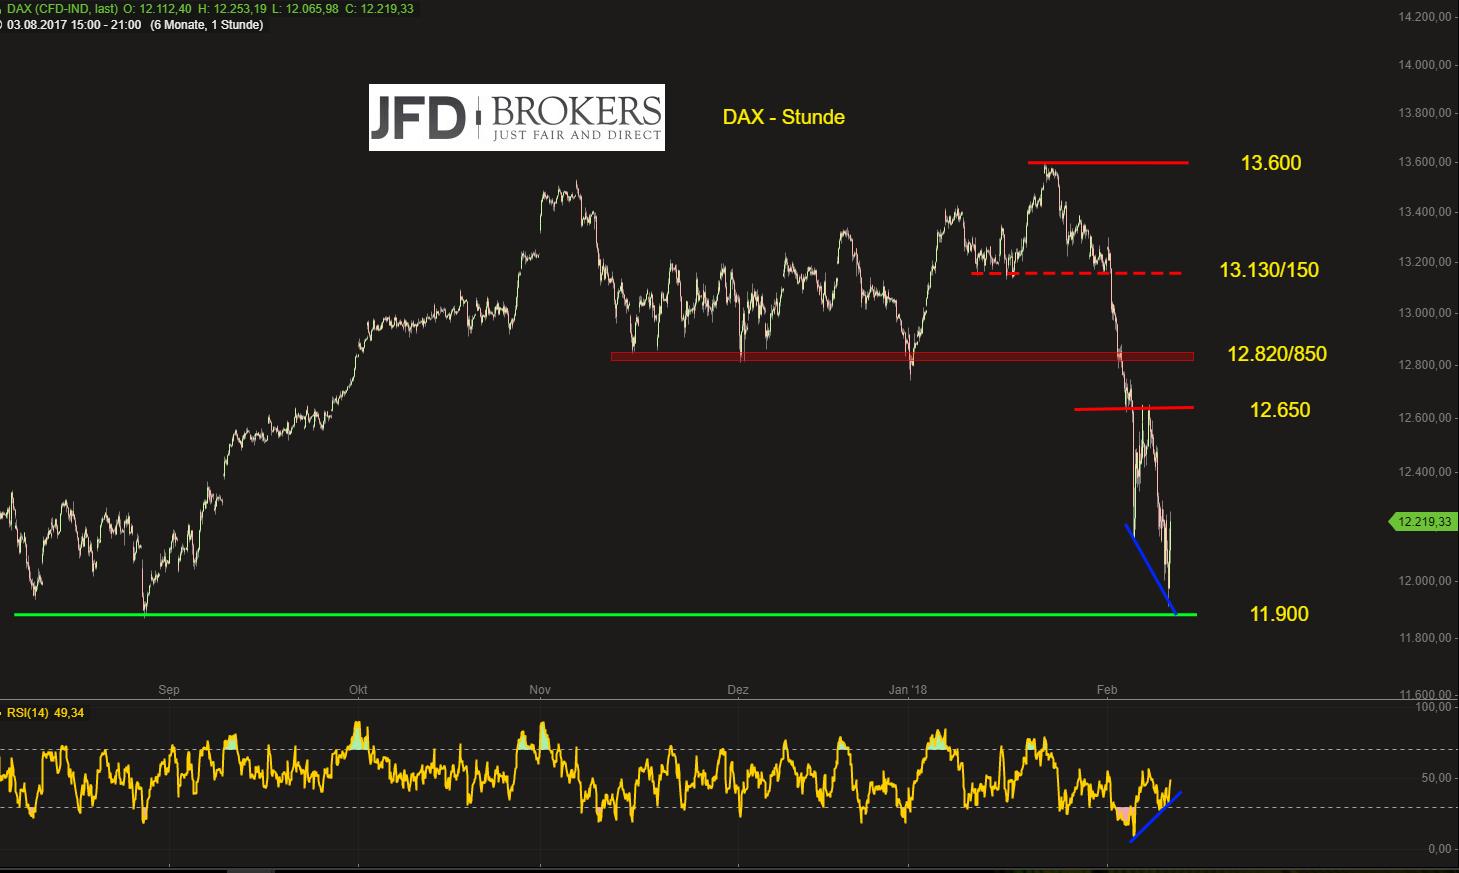 DAX-mit-bullisher-Divergenz-auf-der-Stunde-Korrekturbewegung-zum-Wochenstart-voraus-JFD-Brokers-GodmodeTrader.de-2